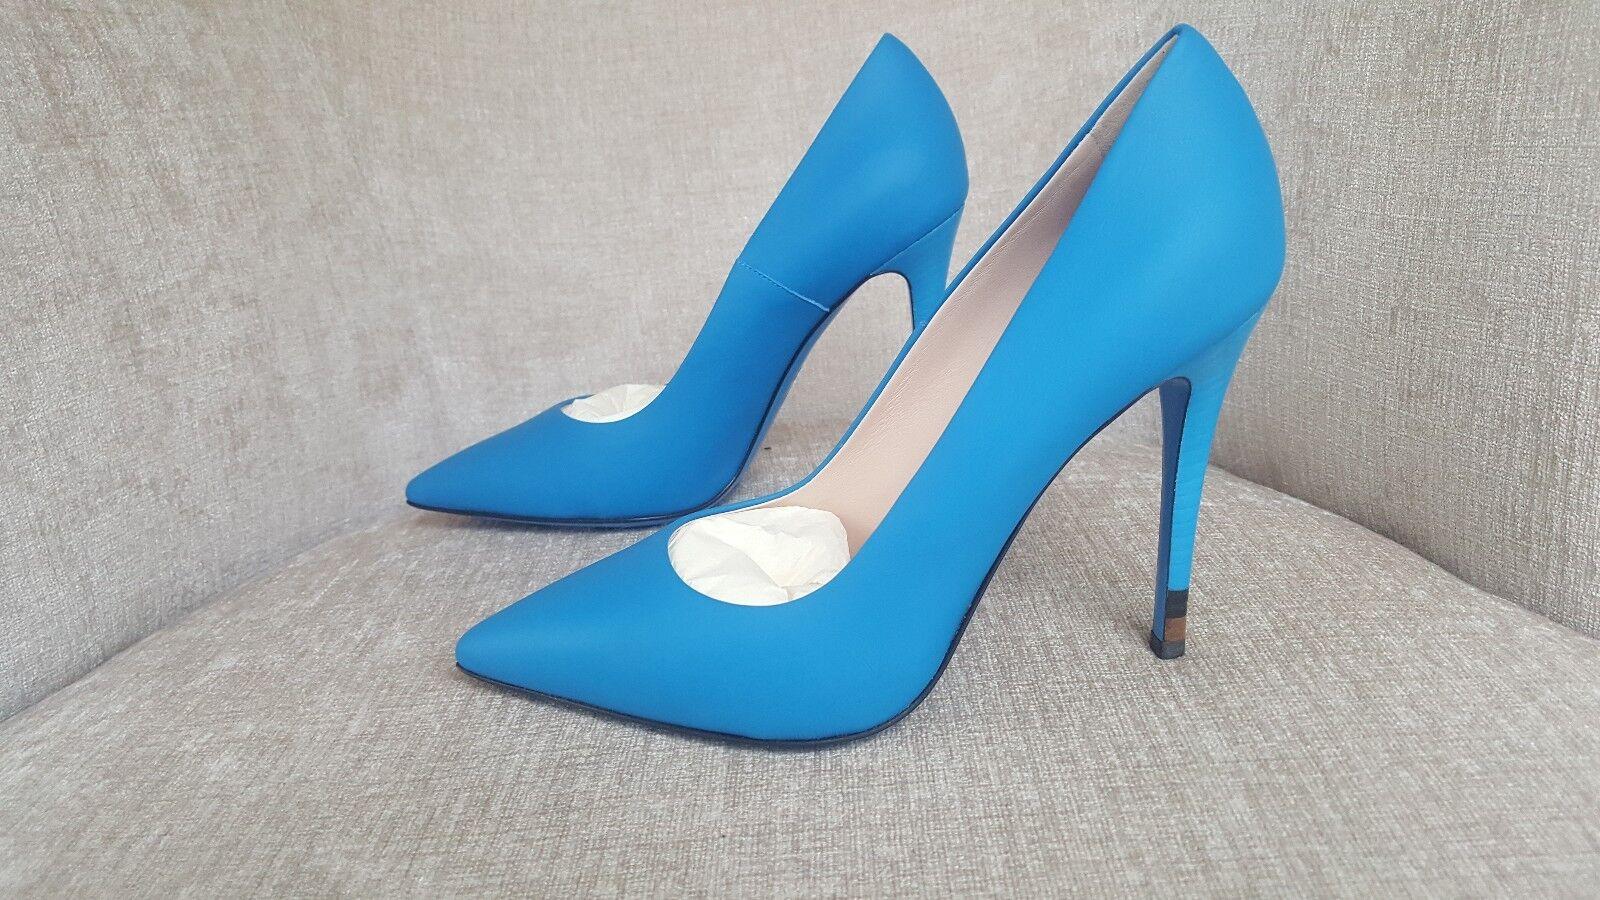 New in Box FENDI en cuir cuir cuir bleu  Anne  Escarpins taille 7 37 Authentique -  725 c8eaa6